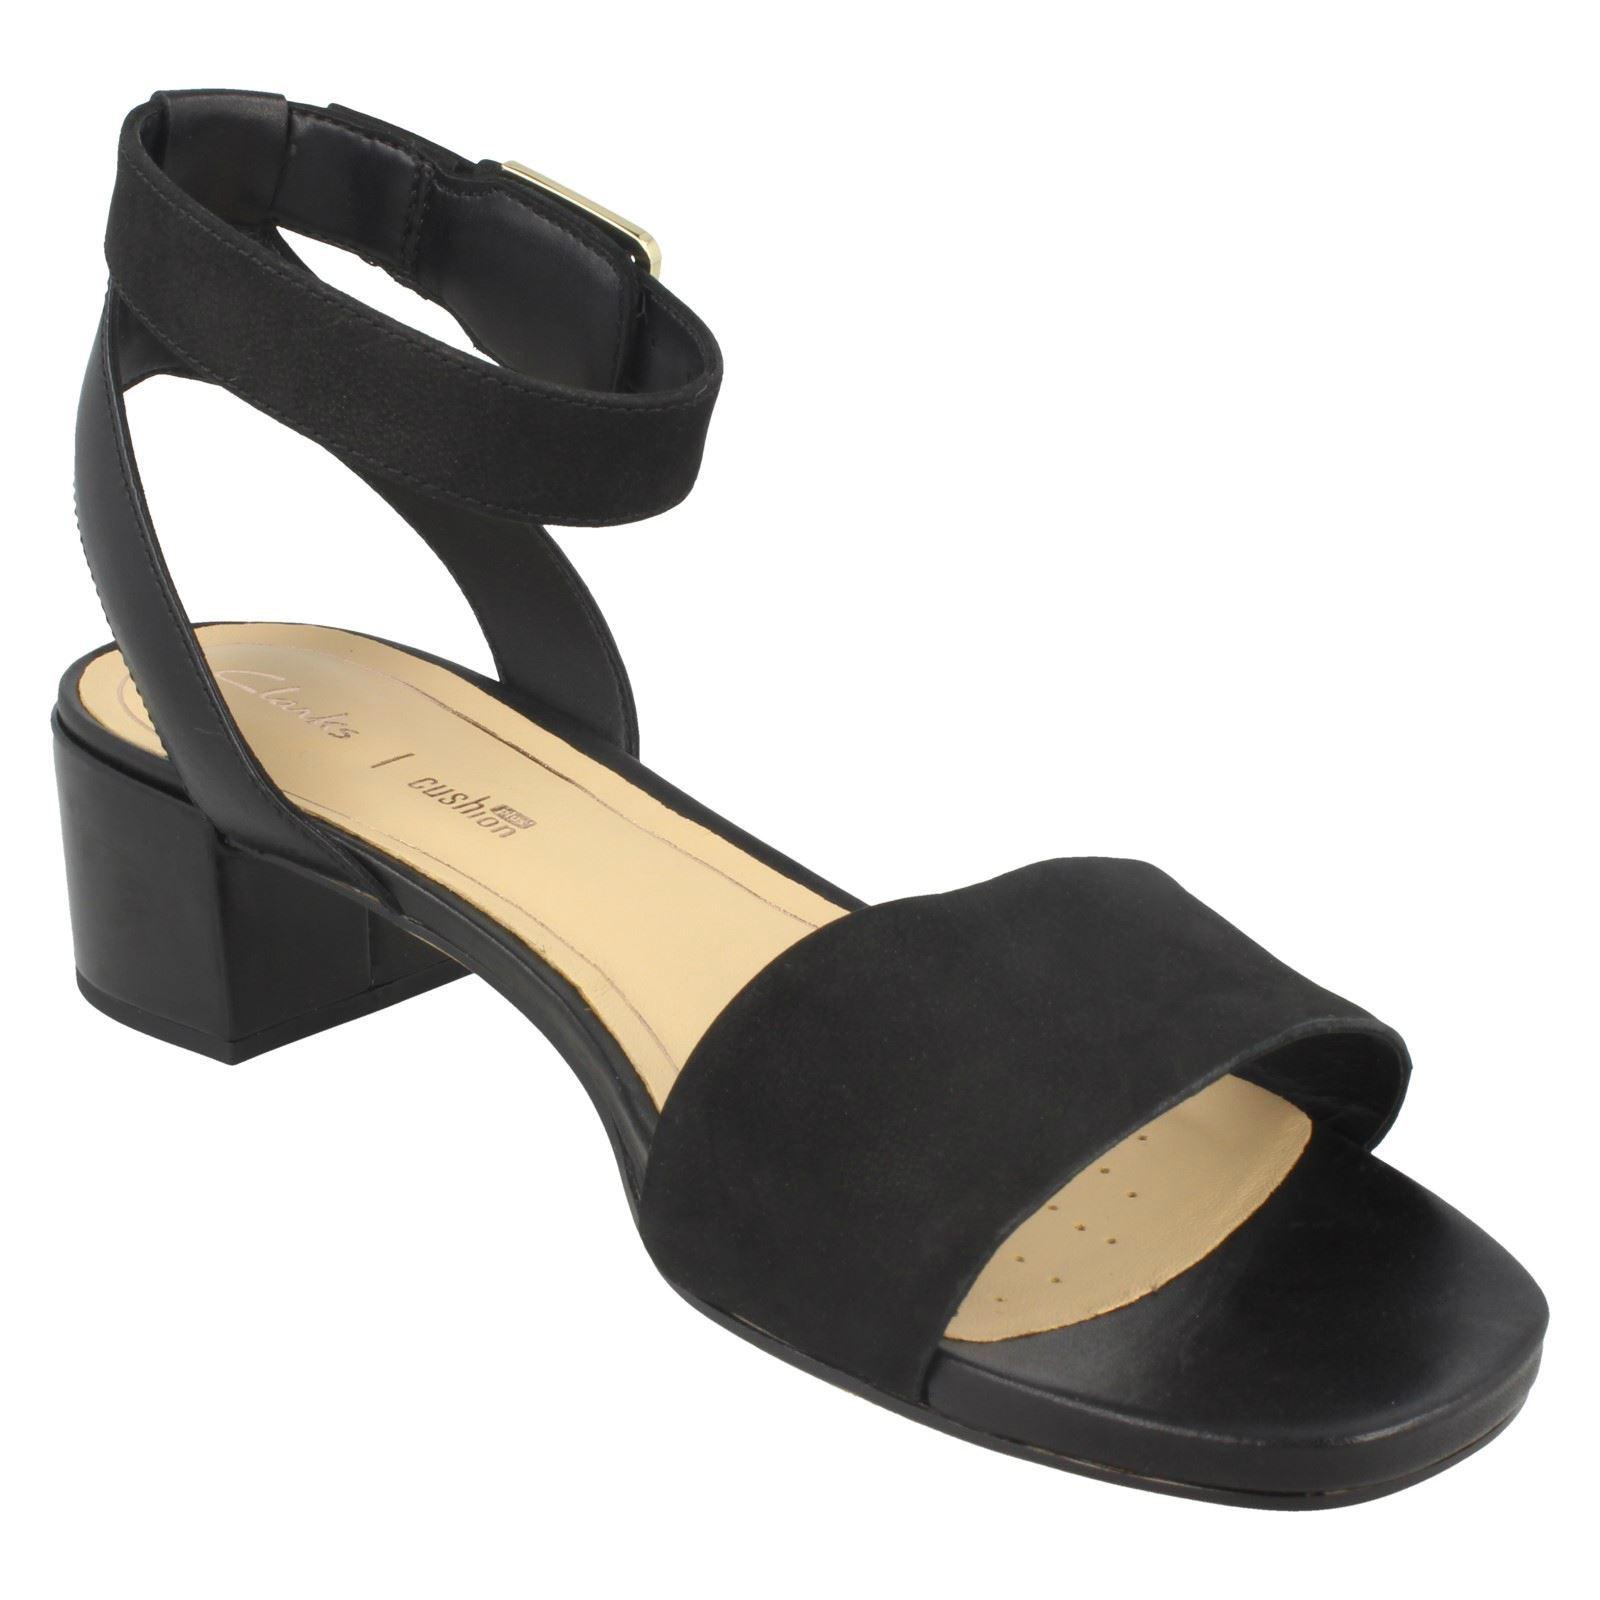 Clarks Ladies Low Heeled Peep Toe Sandals Orabella Rose